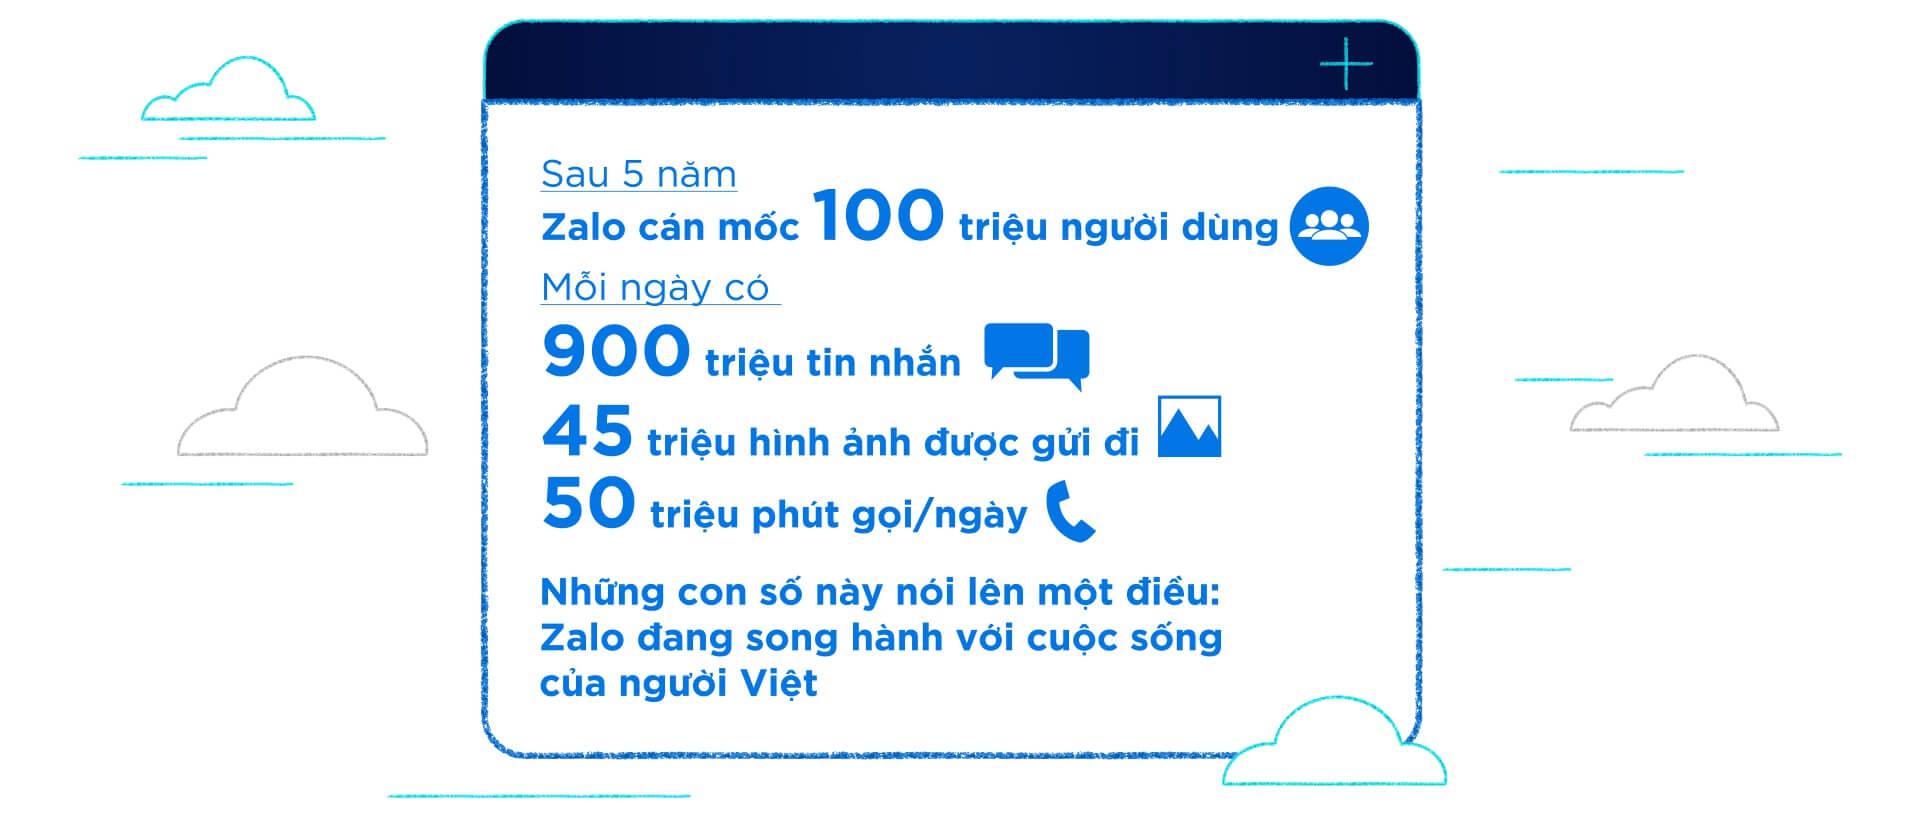 Thống kê số liệu người dùng Zalo